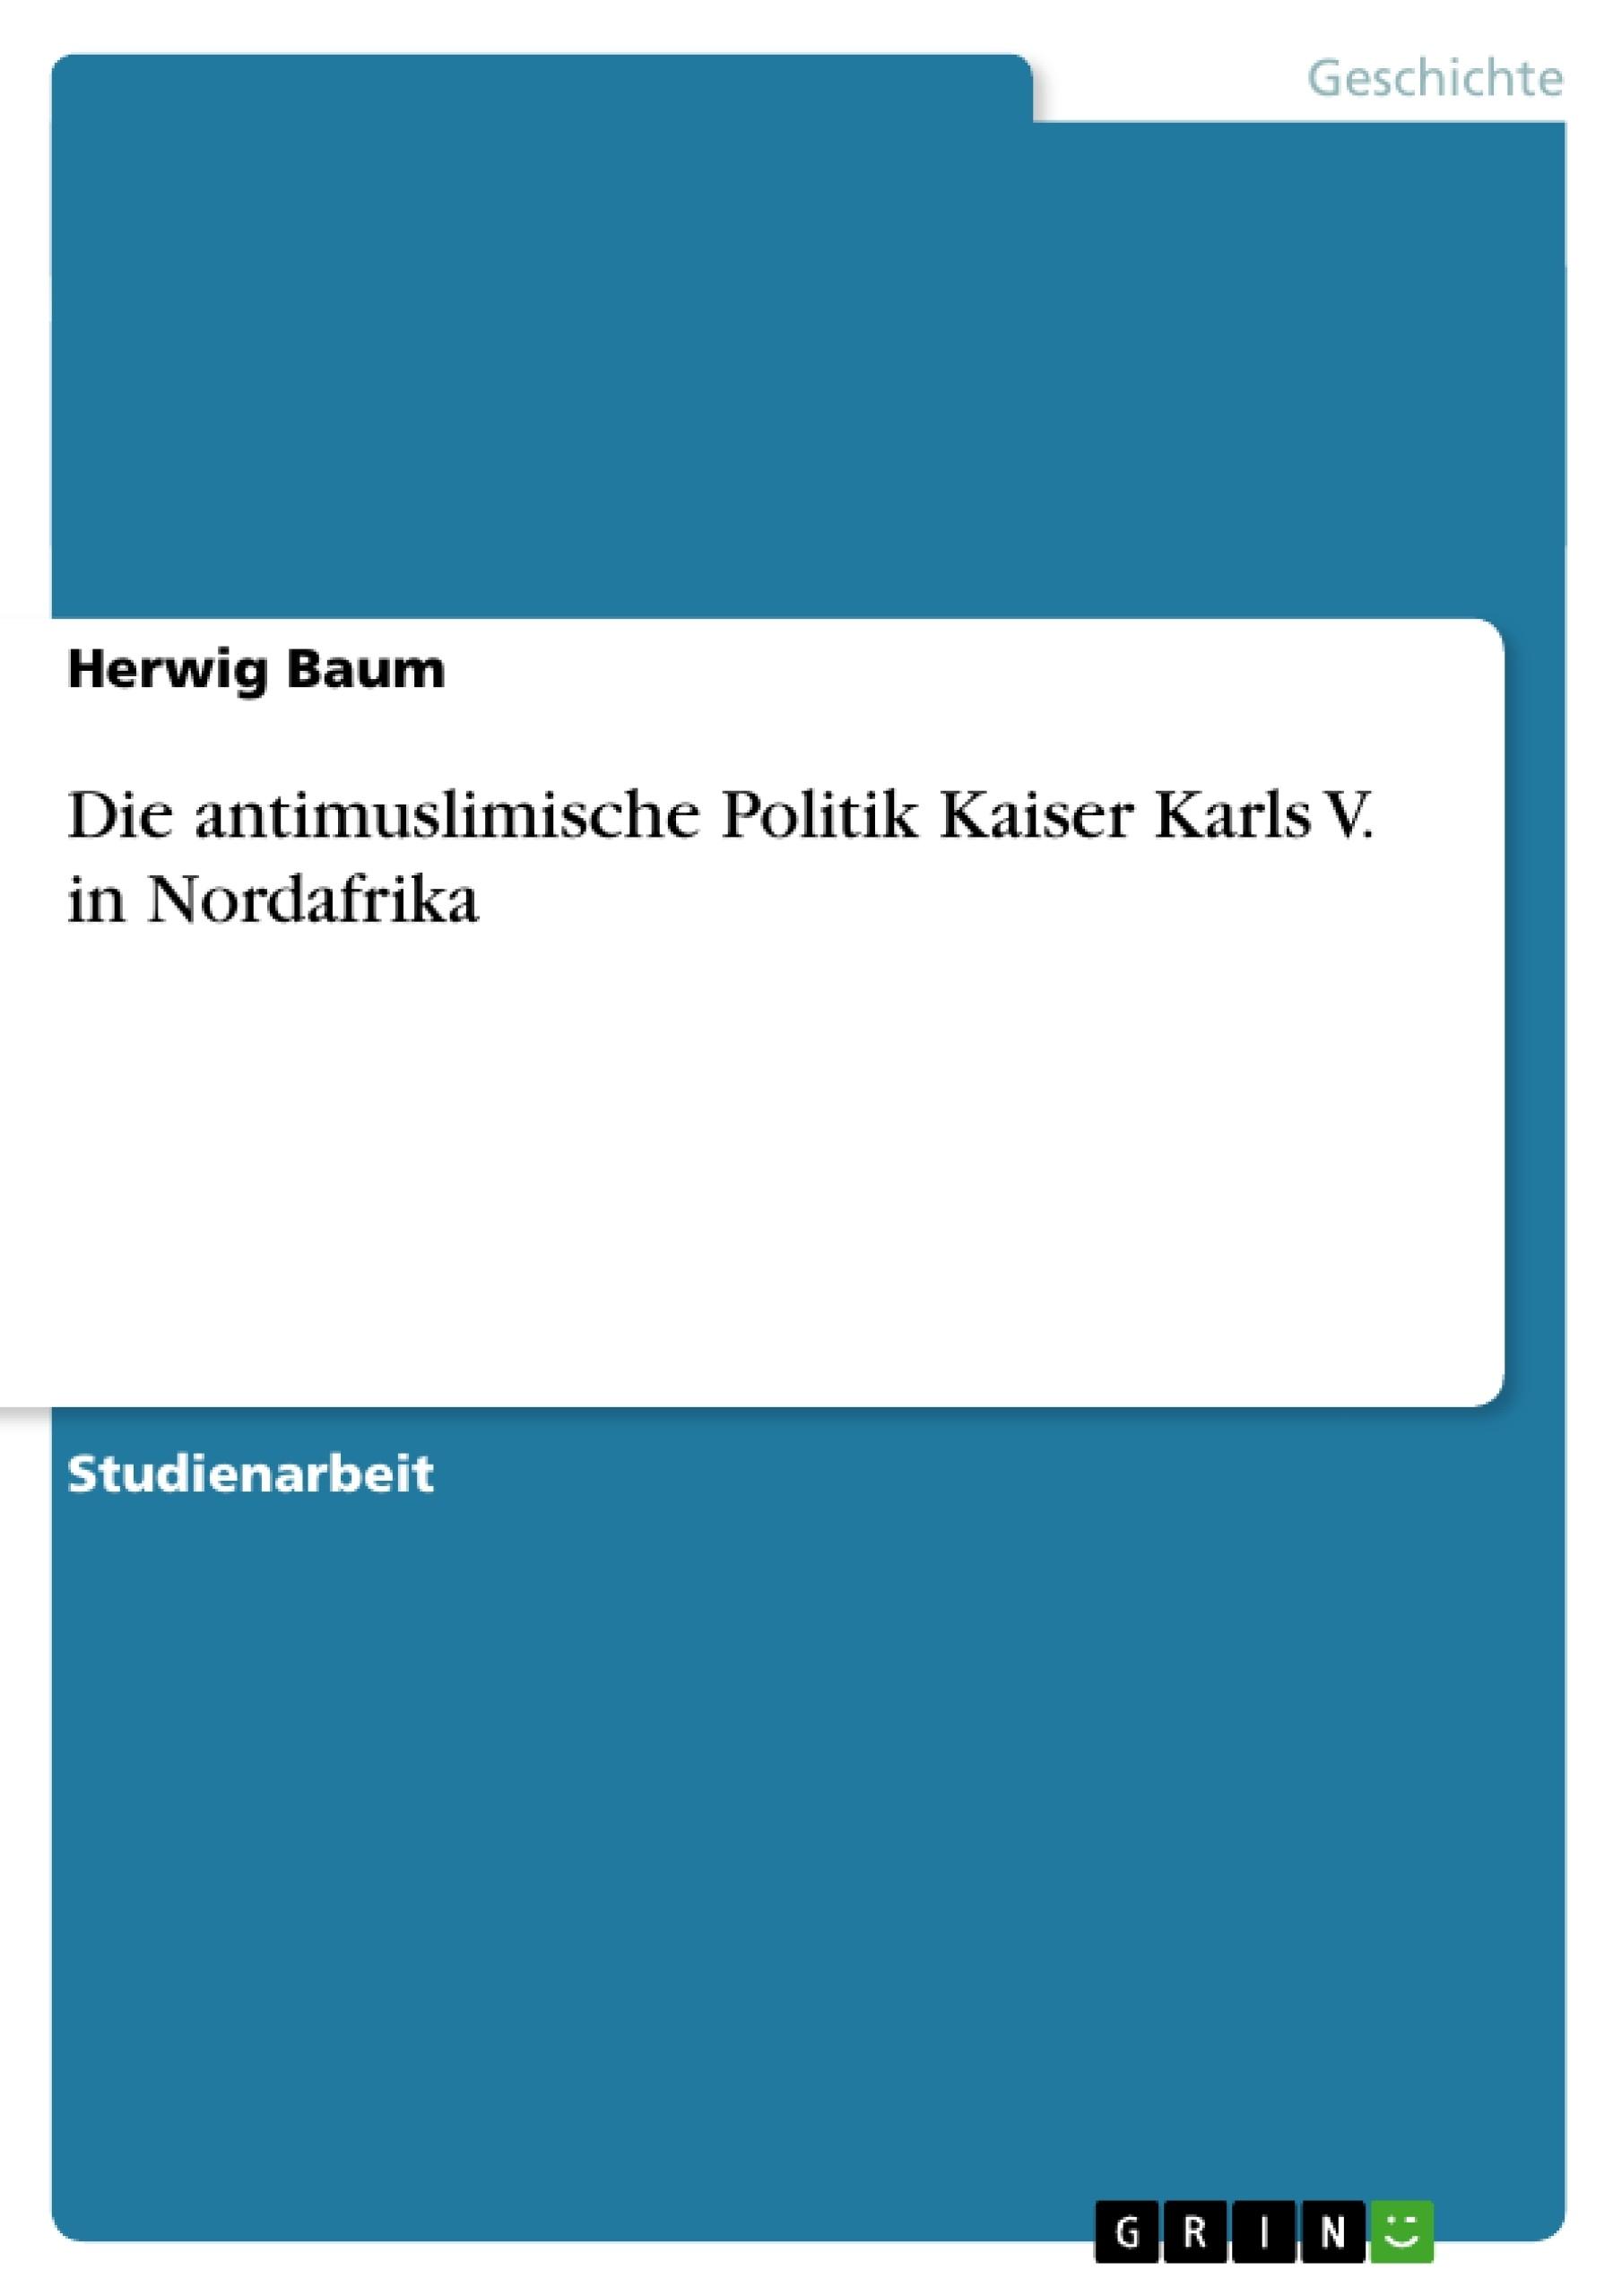 Titel: Die antimuslimische Politik Kaiser Karls V. in Nordafrika